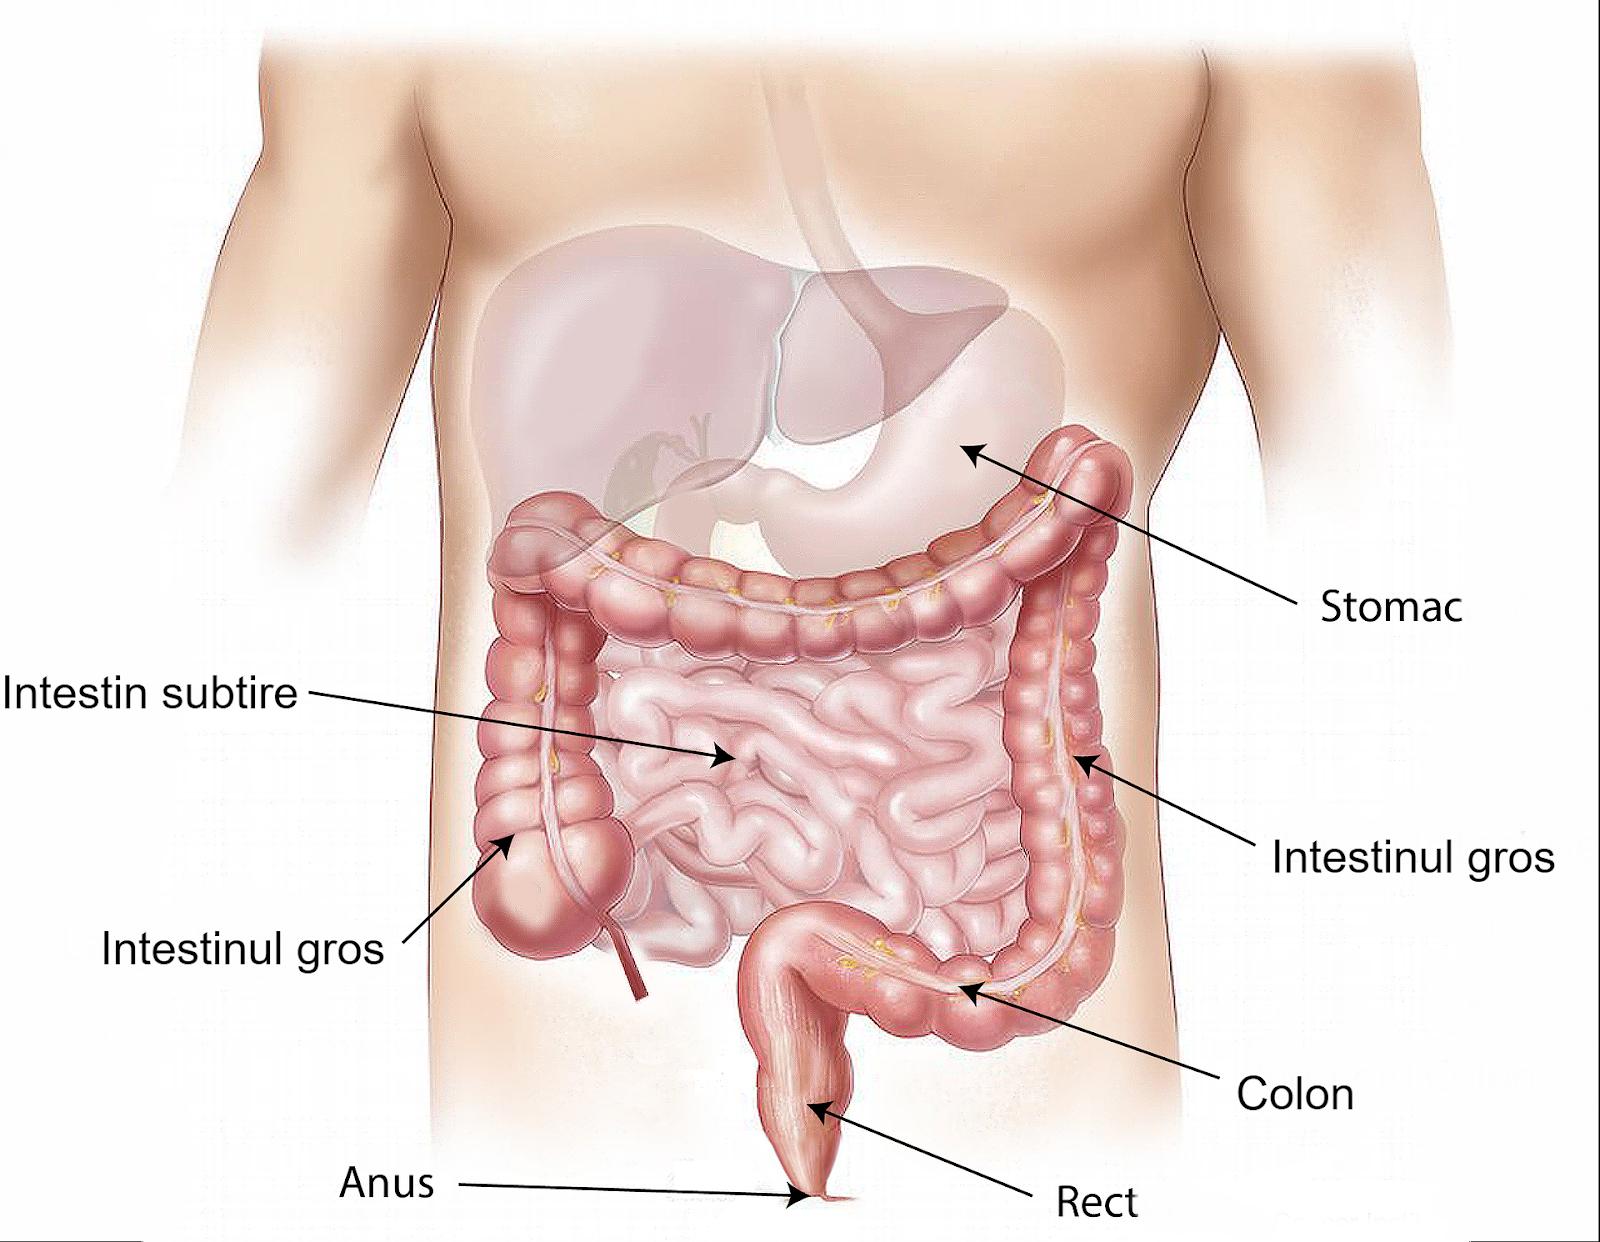 Boli metabolice - ce sunt, exemple, cauzele aparitiei si tratamente recomandate